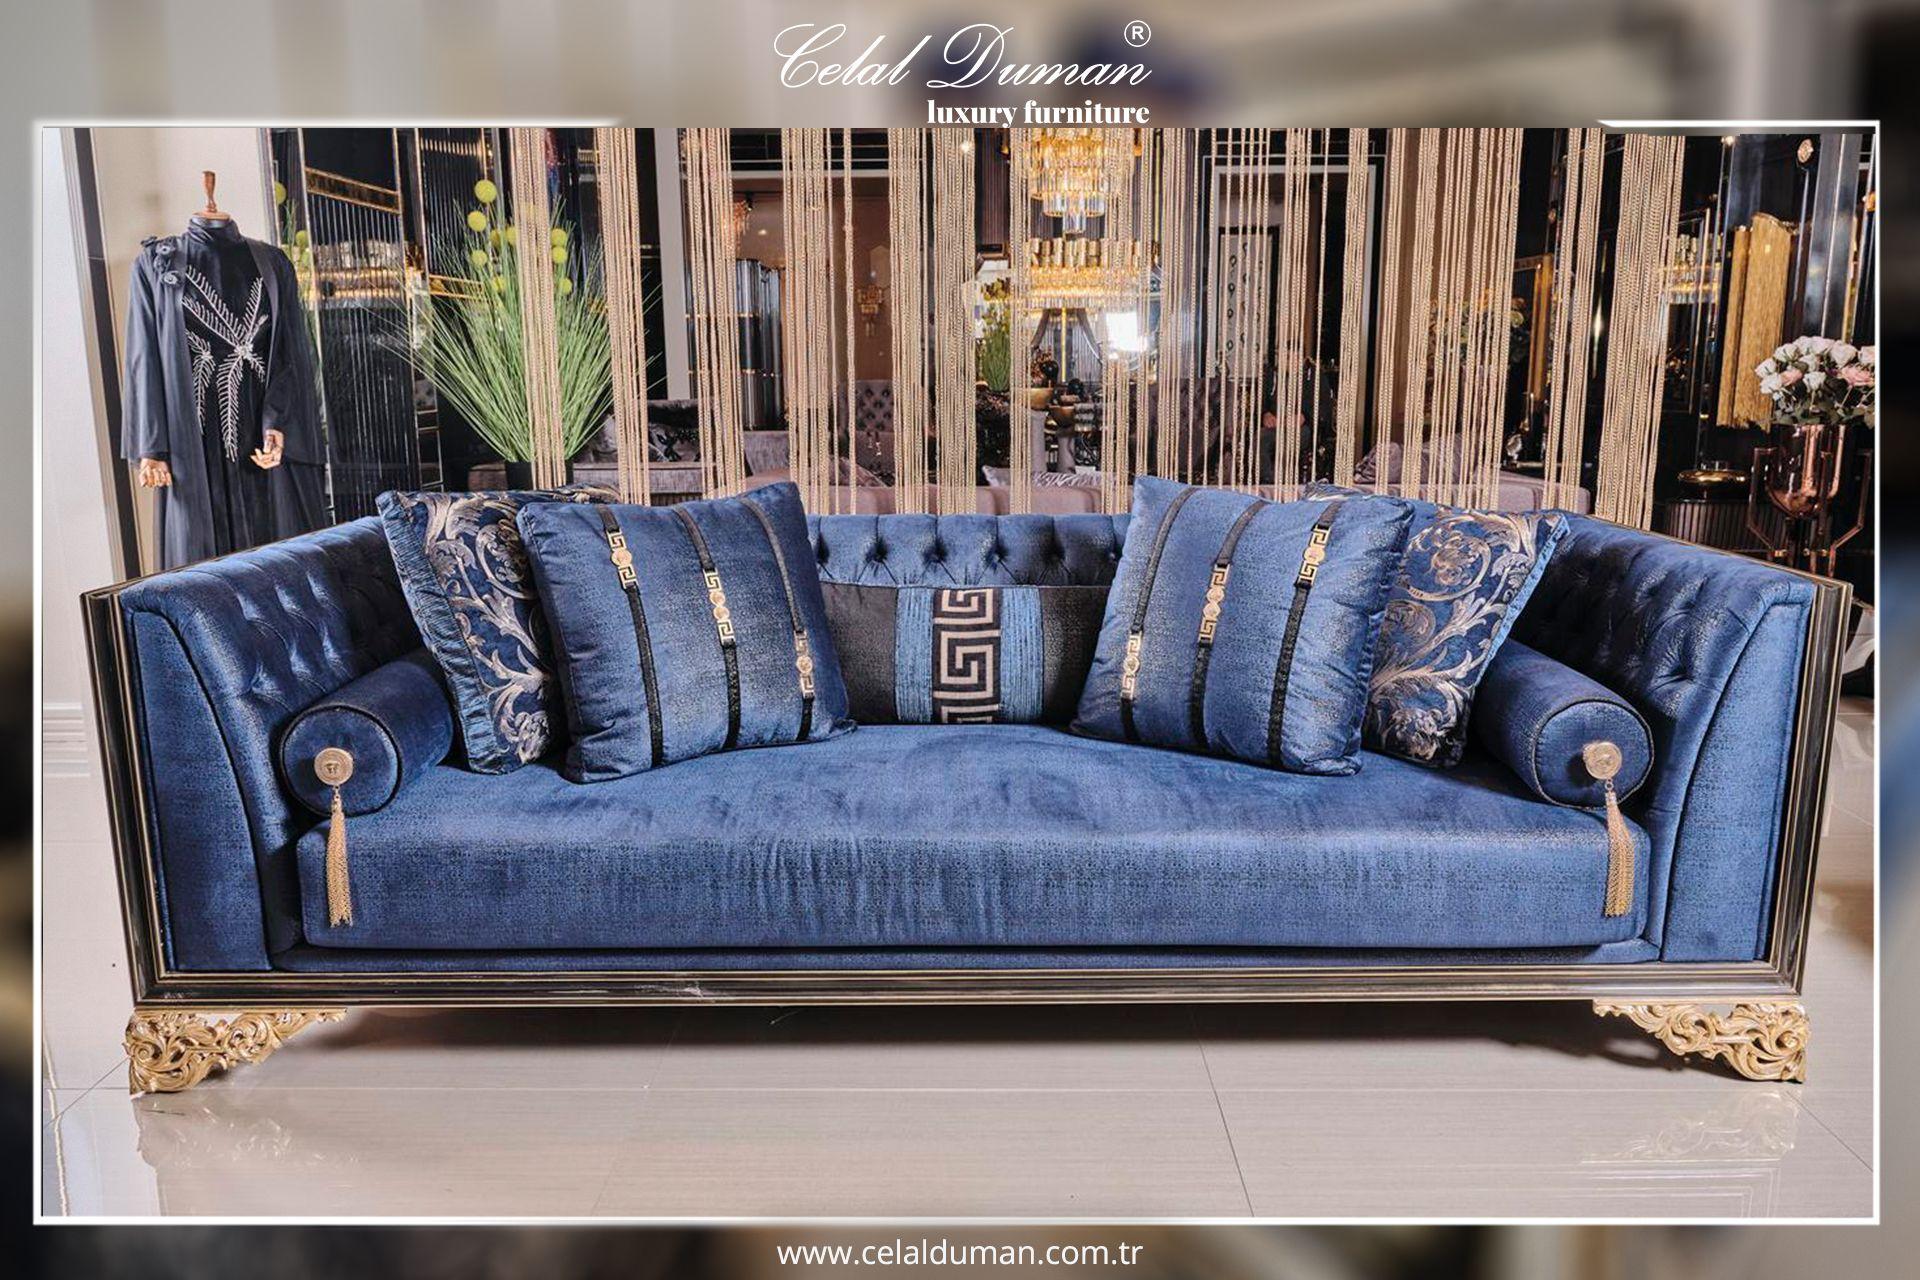 Lüx detayları, estetik ve tarz dizaynı ile, konforu yakalayın. . . . #celalduman #celaldumanmobilya #mobilya #masko #koltuktakımı #yemekodası #maskomobilyakenti #evdekorasyon #dekorasyonfikirleri #mobilyadekorasyon #luxuryfurniture #modernfurniture #furniture #decor #ofisdekorasyon #evdekor #projects #köşekoltuk #tvunited #design #yemekodası #yatakodası #interiordesign